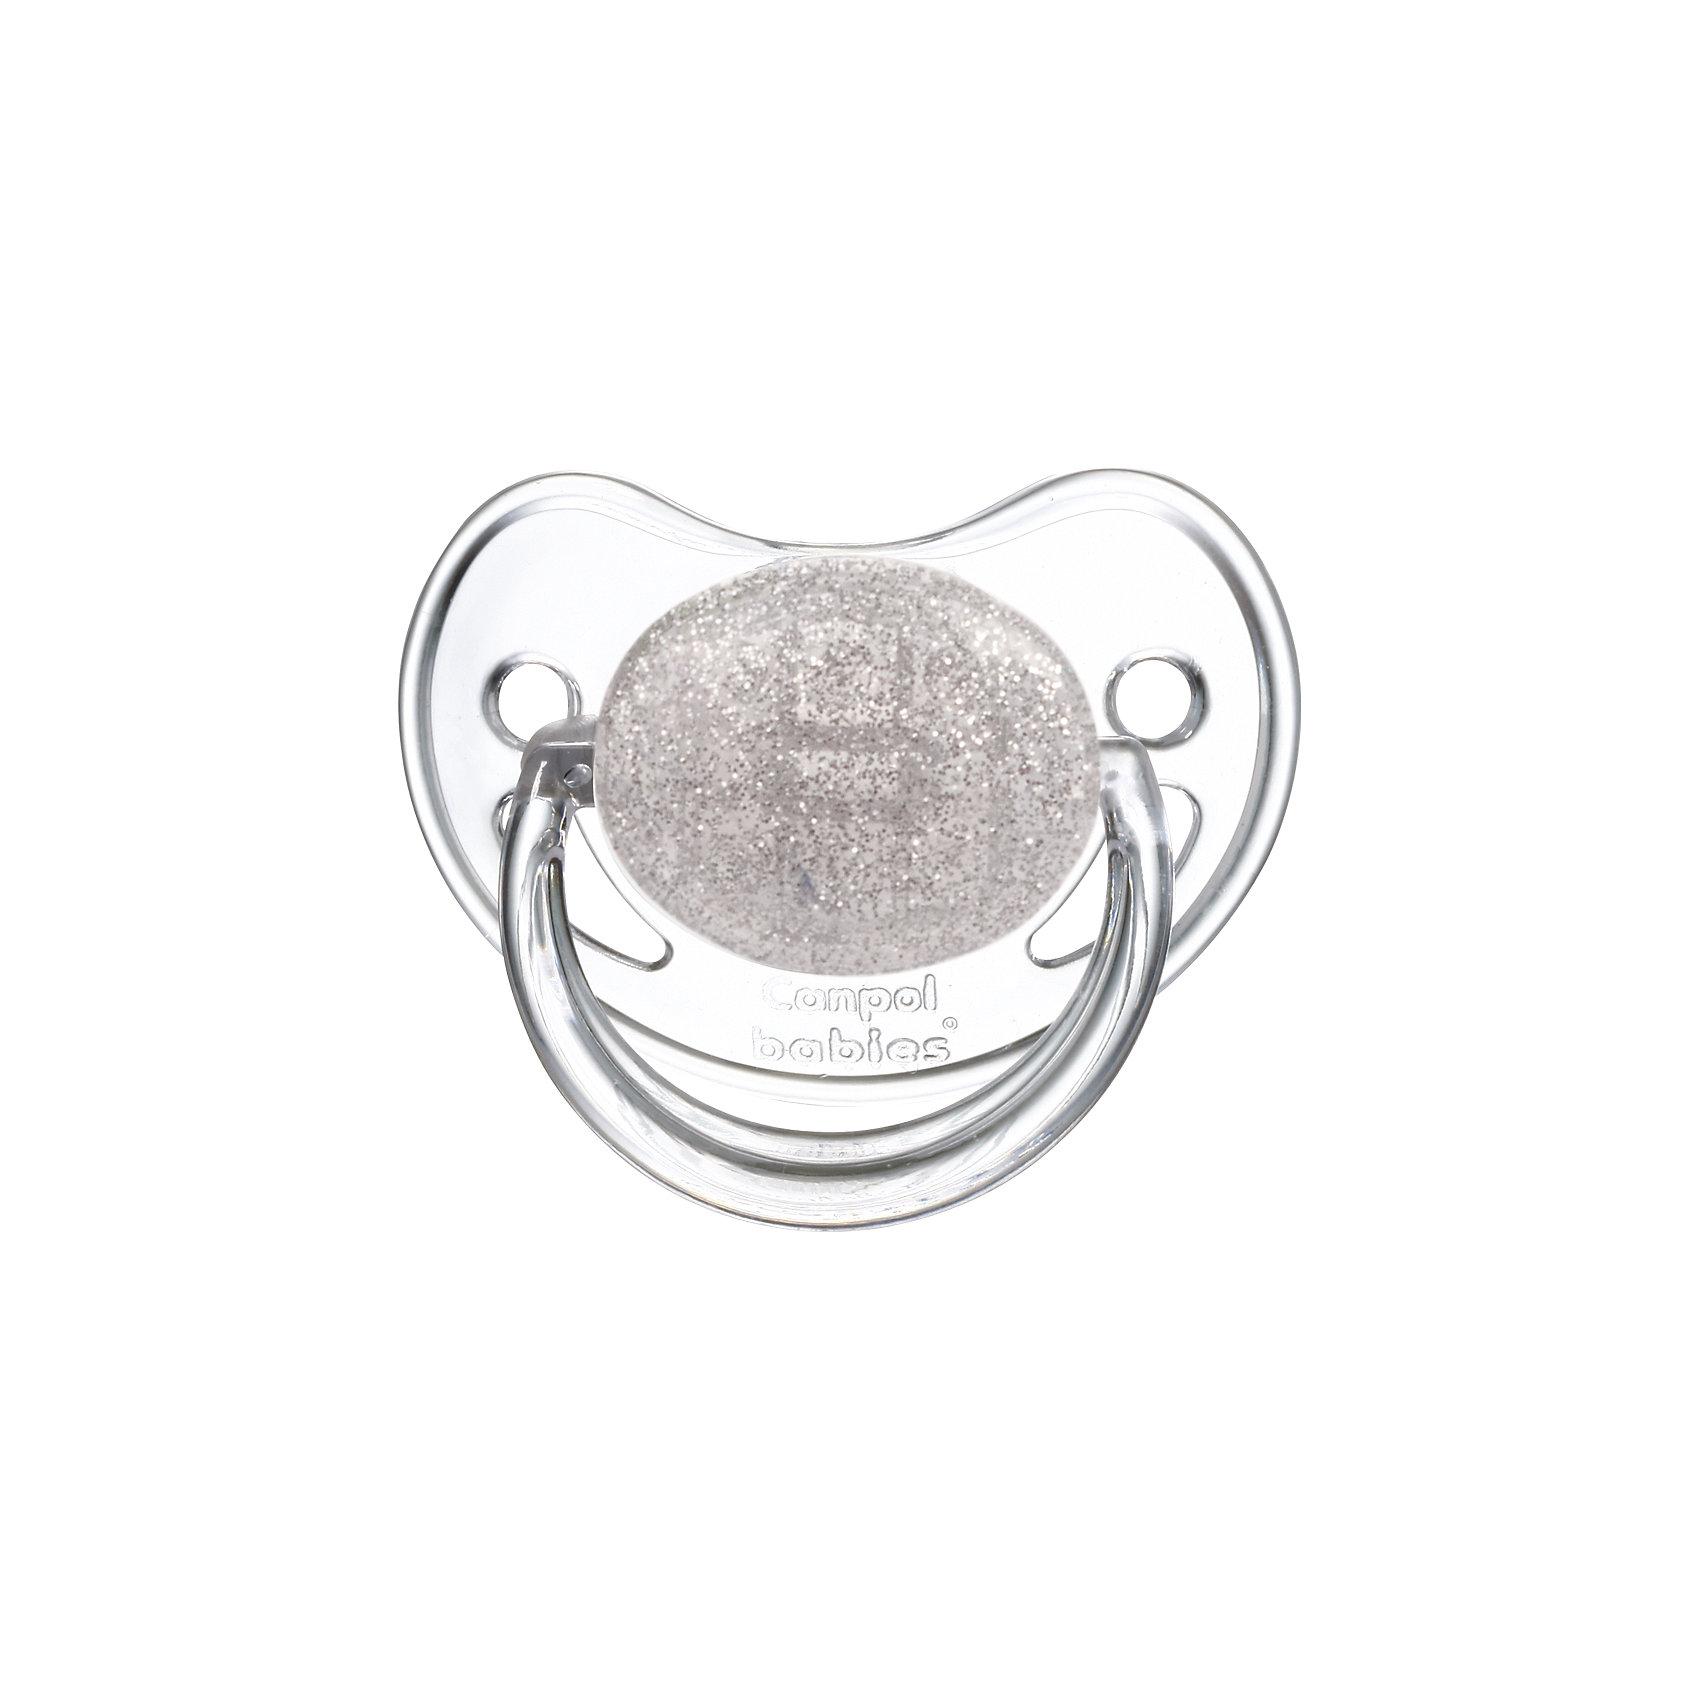 Пустышка круглая латексная, 0-6 Moonlight, Canpol Babies, серыйХарактеристики:<br><br>• Наименование: пустышка<br>• Пол: для девочки<br>• Материал: латекс, пластик<br>• Цвет: белый, серый<br>• Форма: круглая<br>• Наличие отверстий для вентиляции<br>• Наличие кольца для держателя<br>• Особенности ухода: регулярная стерилизация и своевременная замена<br><br>Пустышка круглая латексная, 0-6 Moonlight, Canpol Babies, серый имеет специальную форму, которая обеспечивает правильное давление на небо. Изготовлена из качественных и безопасных материалов. При правильном уходе обеспечивает длительное использование. У соски имеется ограничитель классической круглой формы с отверстиями для вентиляции и кольцо для держателя. Пустышка круглая латексная, 0-6 Moonlight, Canpol Babies, серый выполнена в стильном дизайне с эффектом серебристого мерцания.<br><br>Пустышку круглую латексную, 0-6 Moonlight, Canpol Babies, серую можно купить в нашем интернет-магазине.<br><br>Ширина мм: 95<br>Глубина мм: 45<br>Высота мм: 155<br>Вес г: 110<br>Возраст от месяцев: 0<br>Возраст до месяцев: 6<br>Пол: Женский<br>Возраст: Детский<br>SKU: 5156631